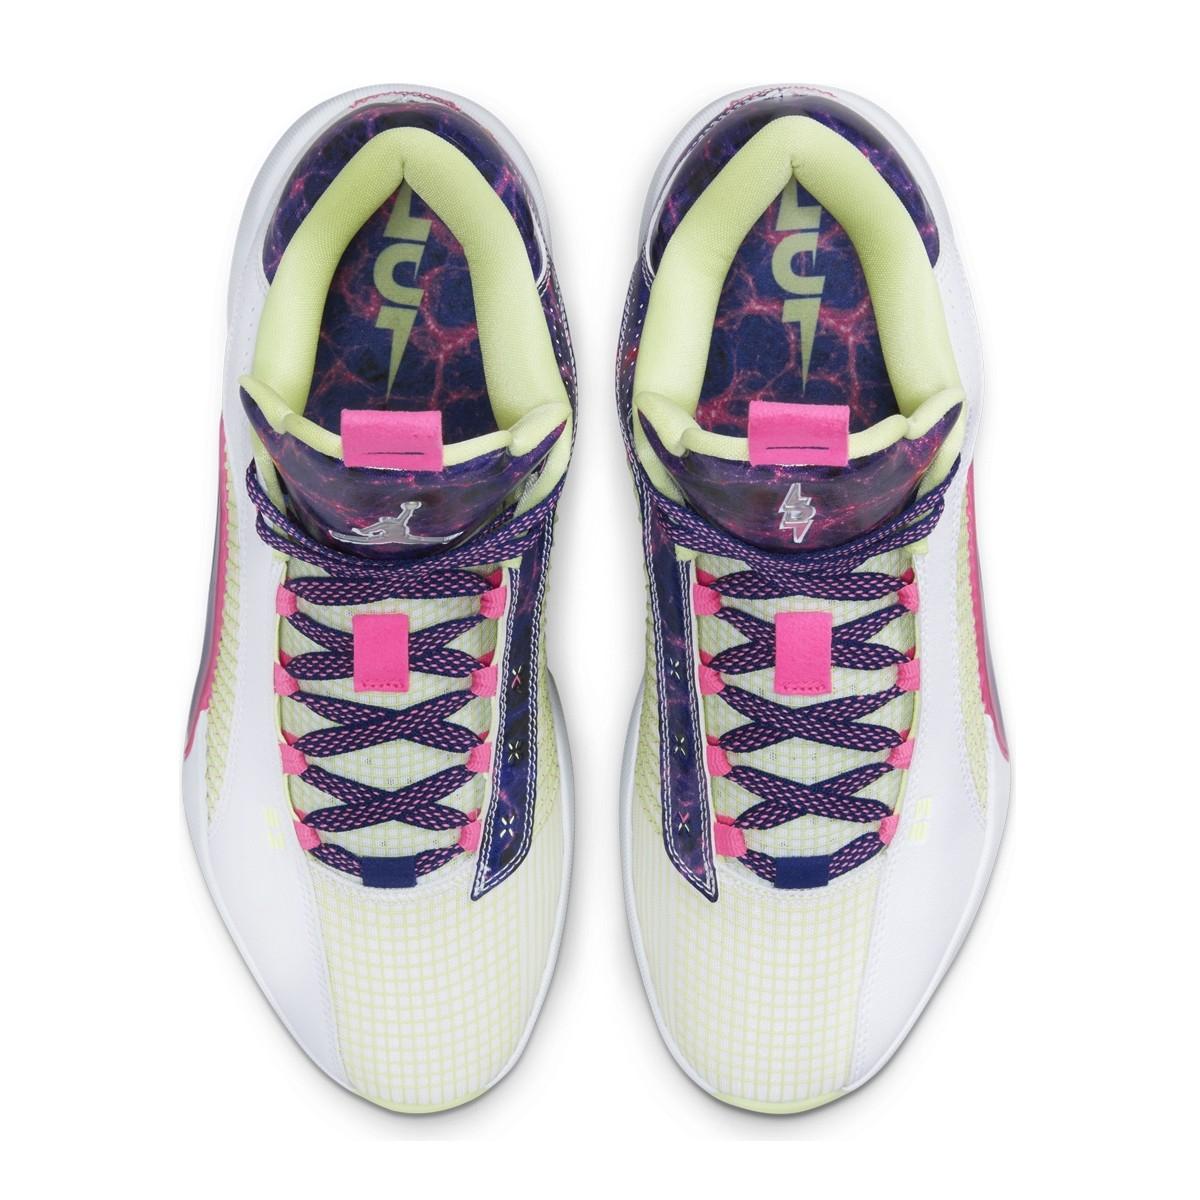 Air Jordan 35 Low PE 'Luka' DJ9805-190